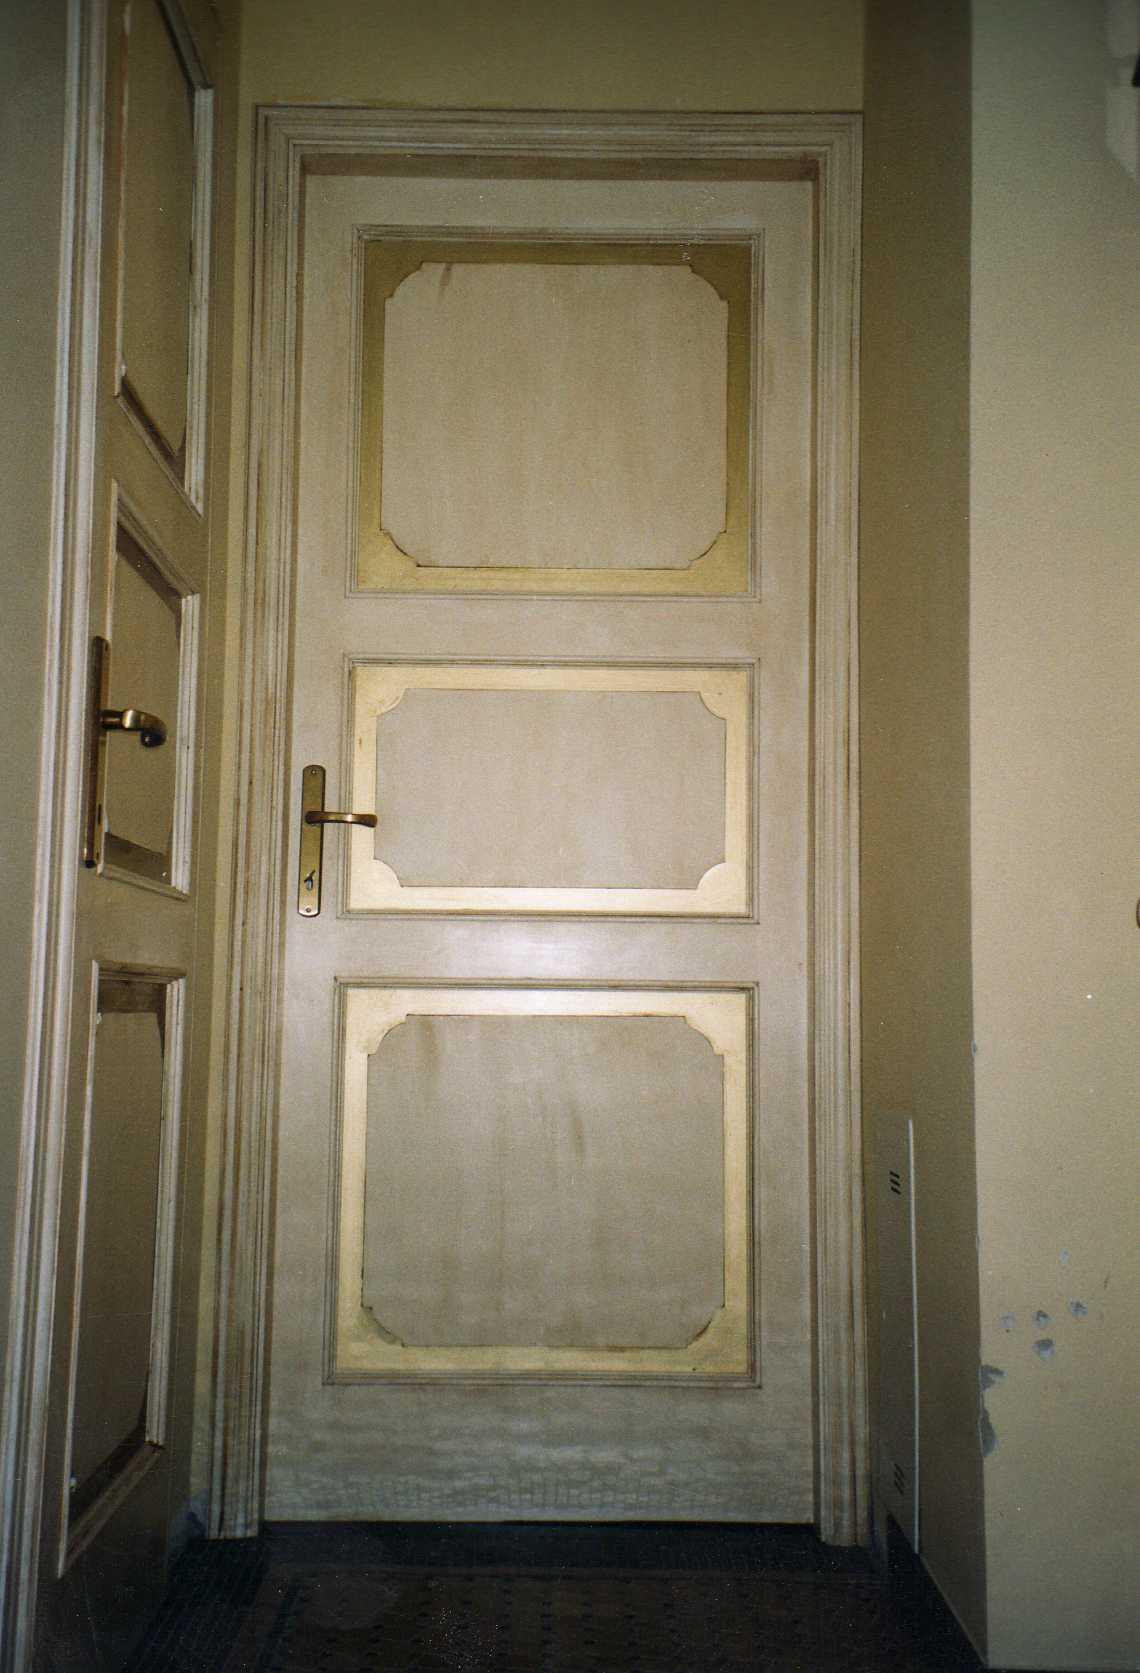 mobili stile fiorentino : Porte in Legno:Portoni Fatti a Mano a Firenze Falegnameria Giusti ...